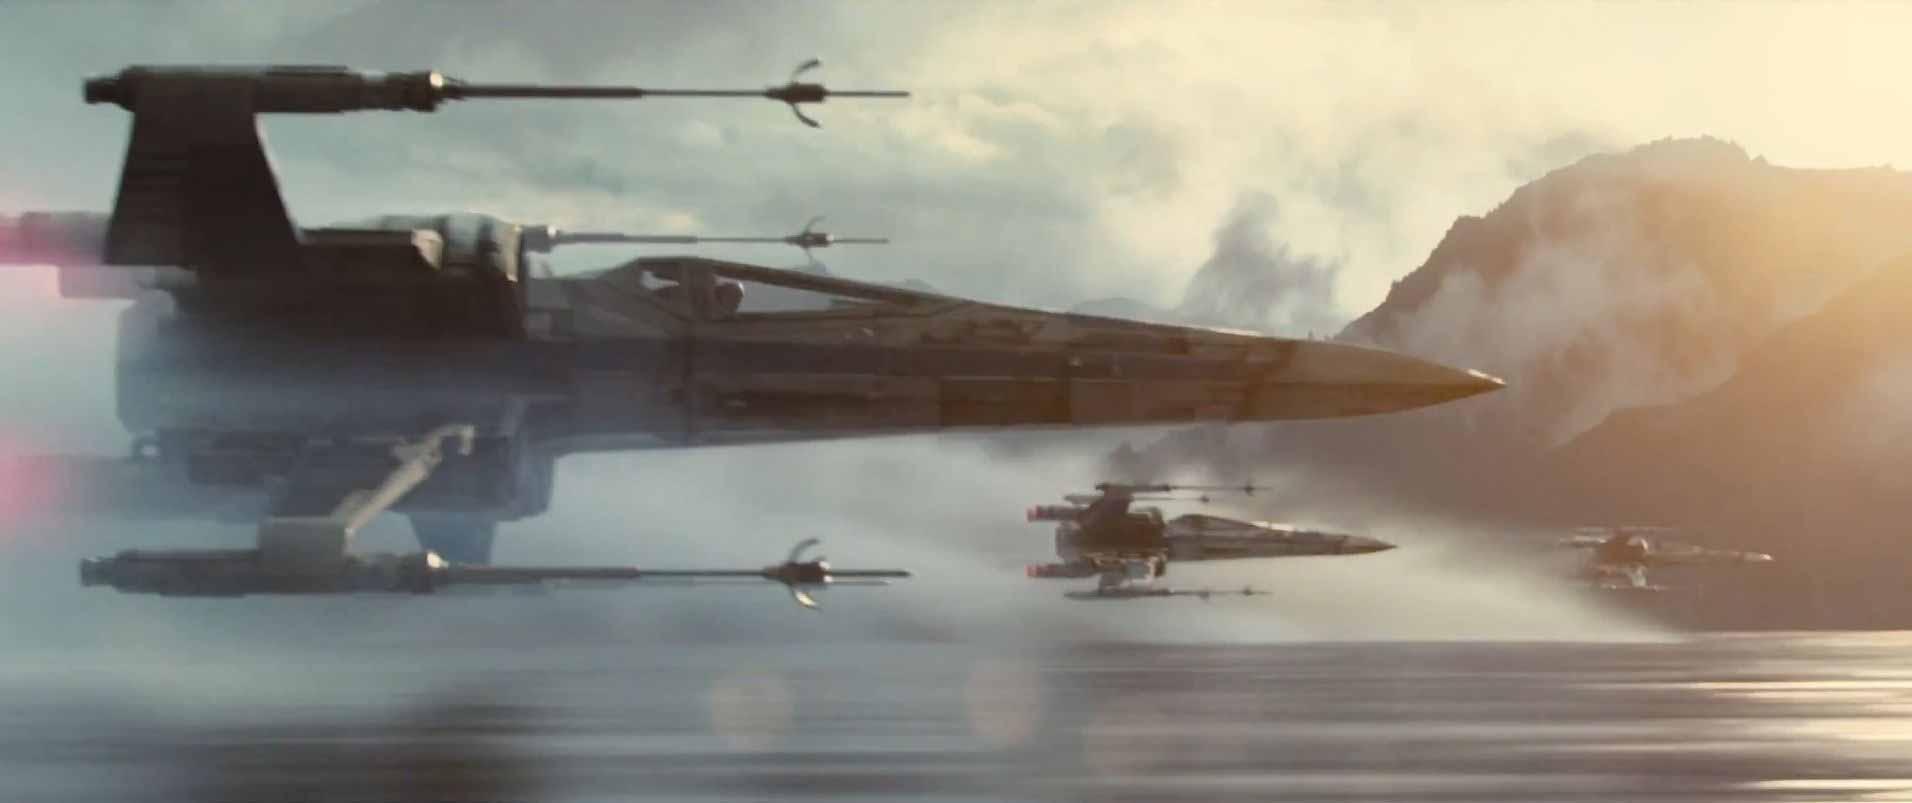 Star wars episode vii the force awakens teaser trailer 2015 hd